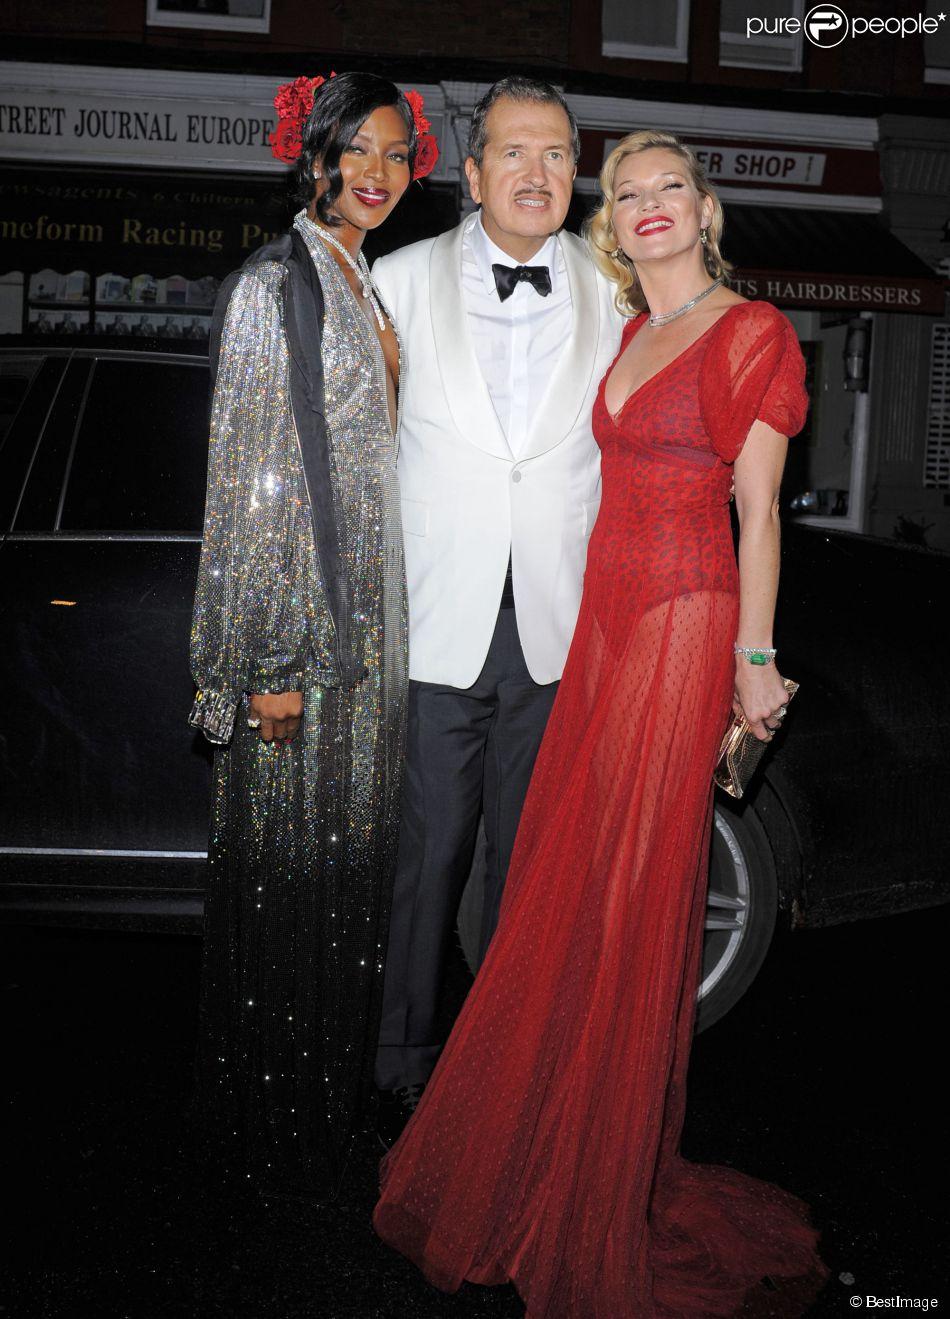 Naomi Campbell et Kate Moss fêtent les 60 ans de leur ami Mario Testino à la Chiltern Firehouse. Londres, le 29 octobre 2014.